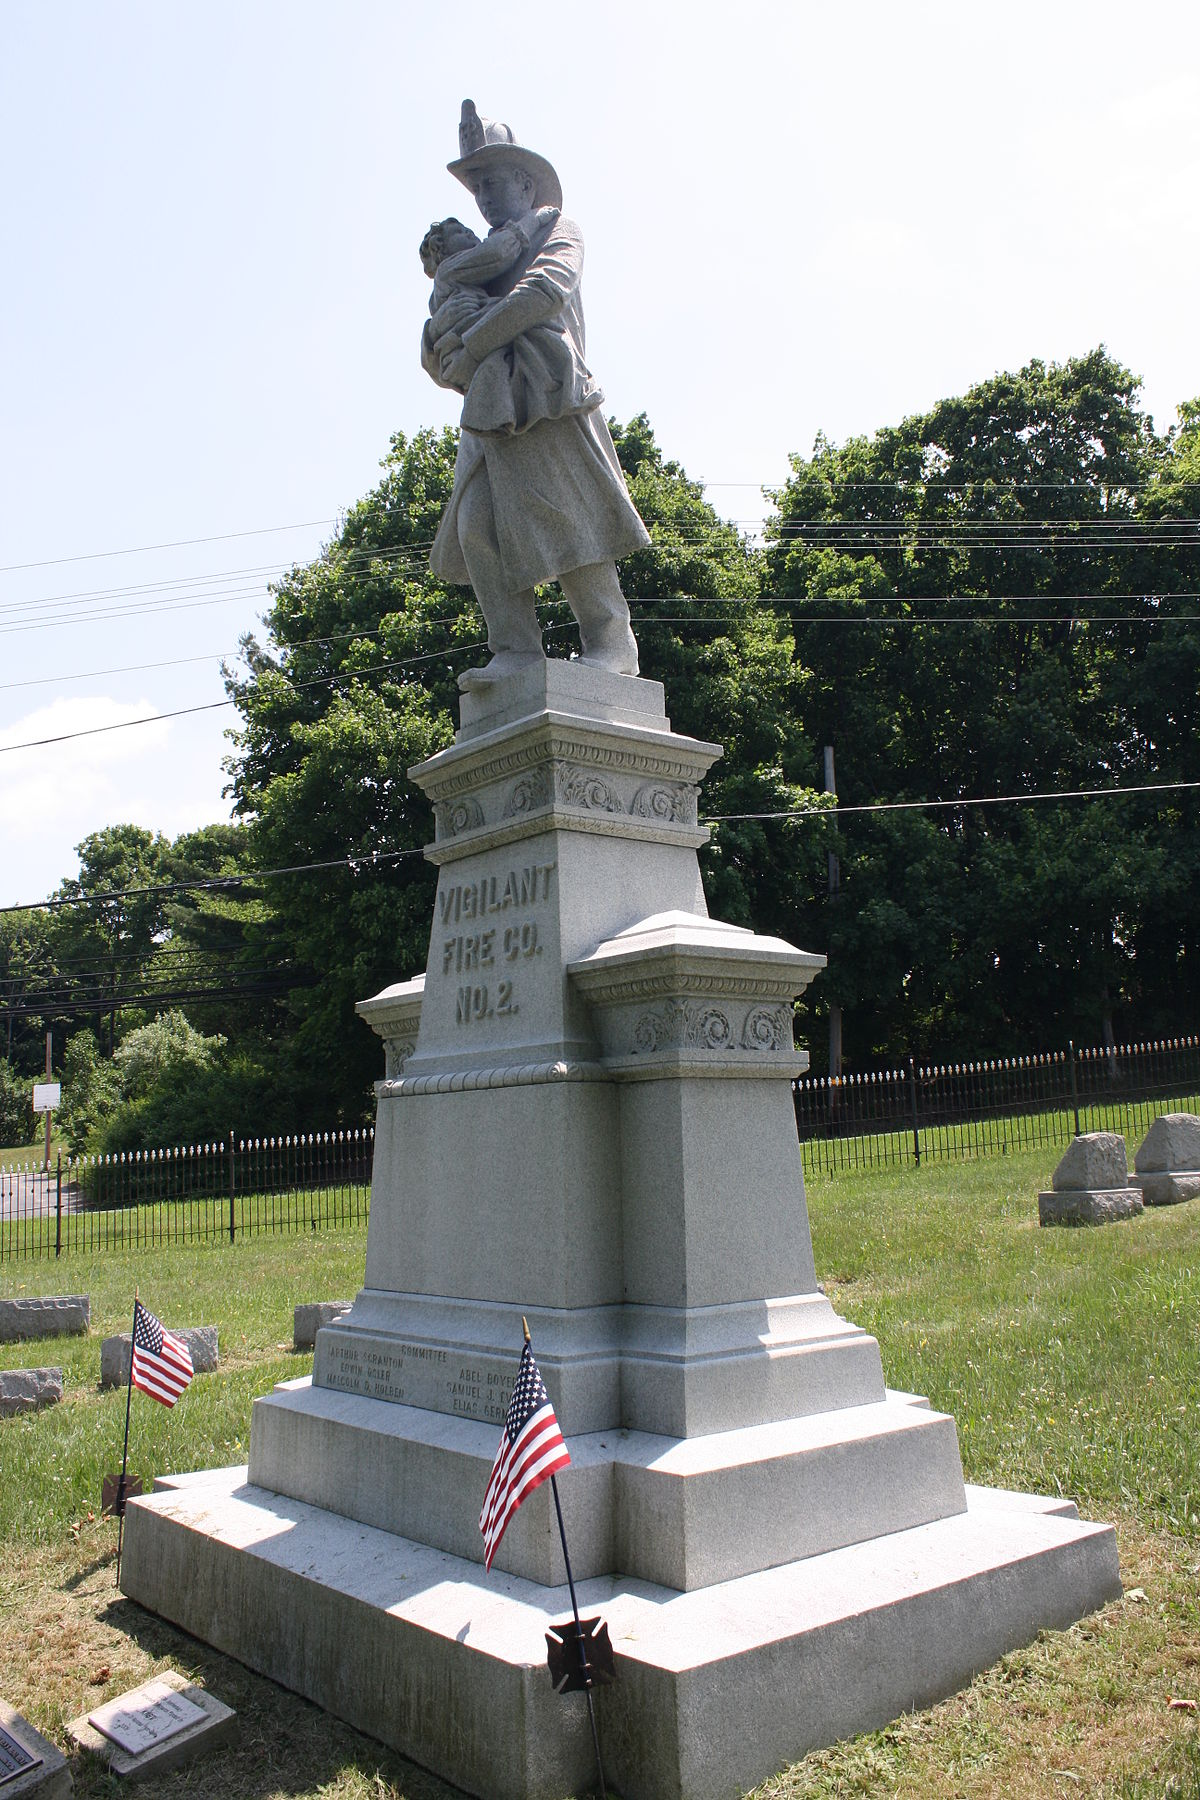 Vigilant Fire Company Firemen's Monument - Wikipedia